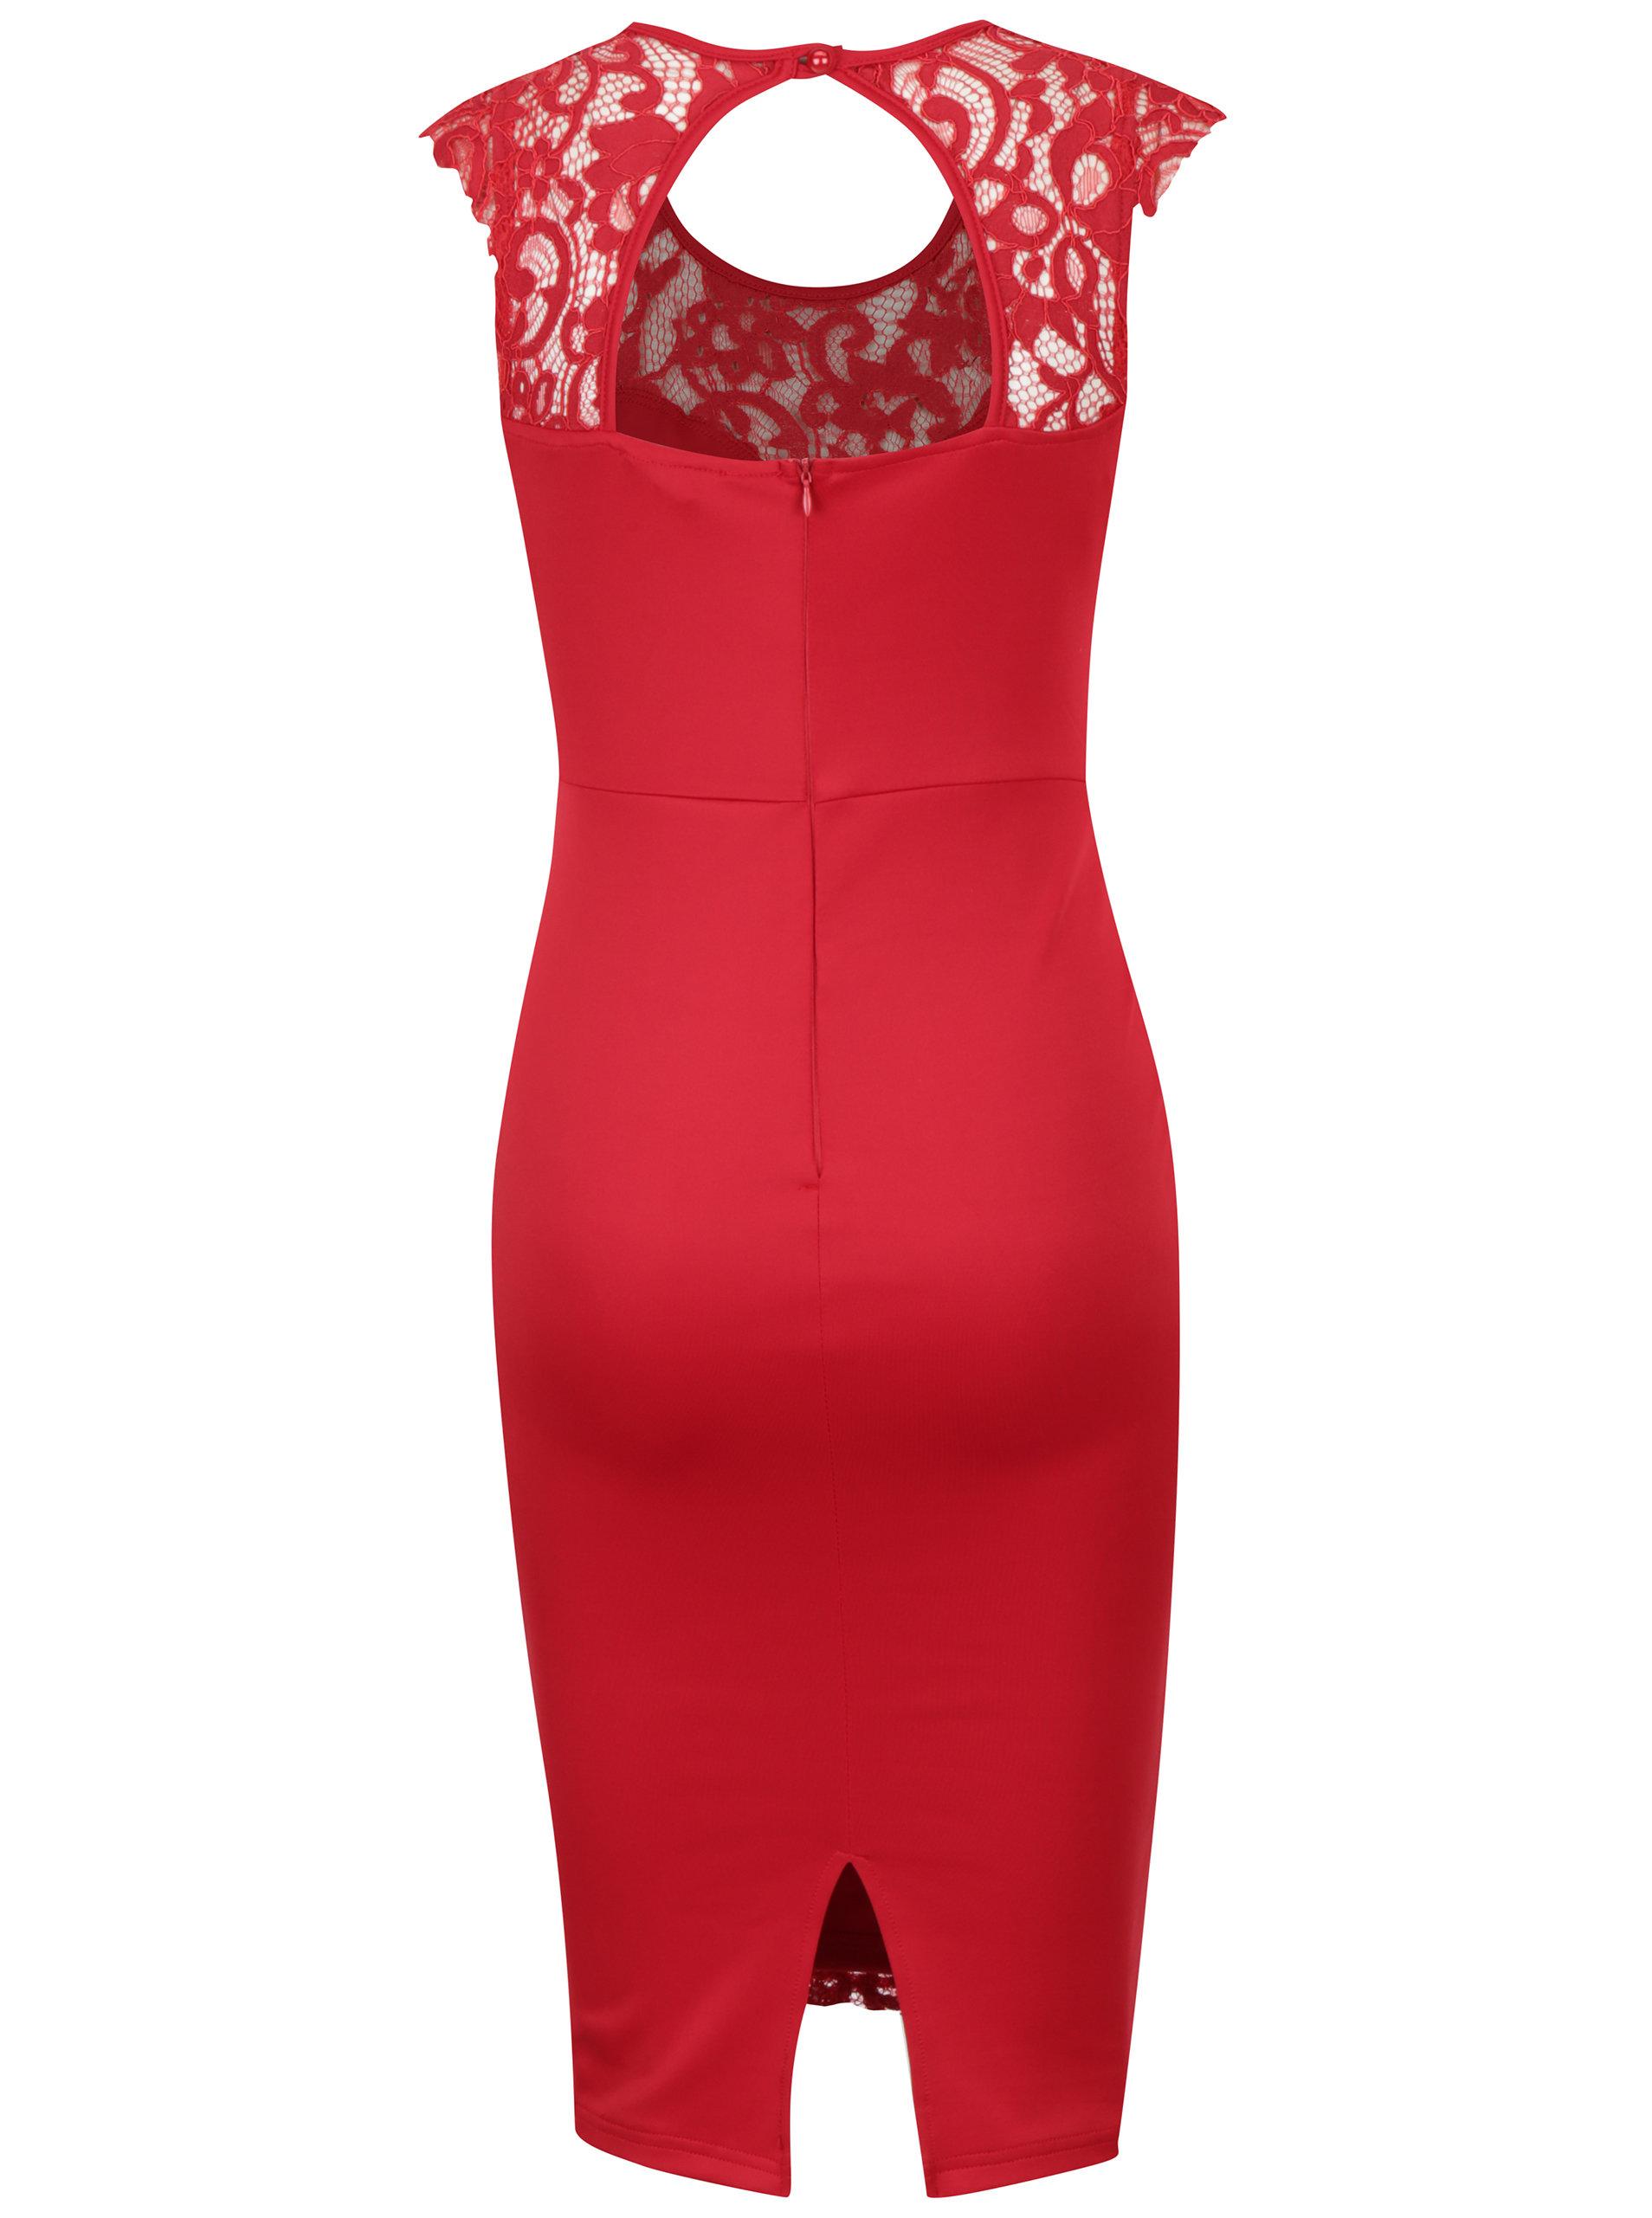 8c2b843a9525 Červené čipkové puzdrové šaty AX Paris ...